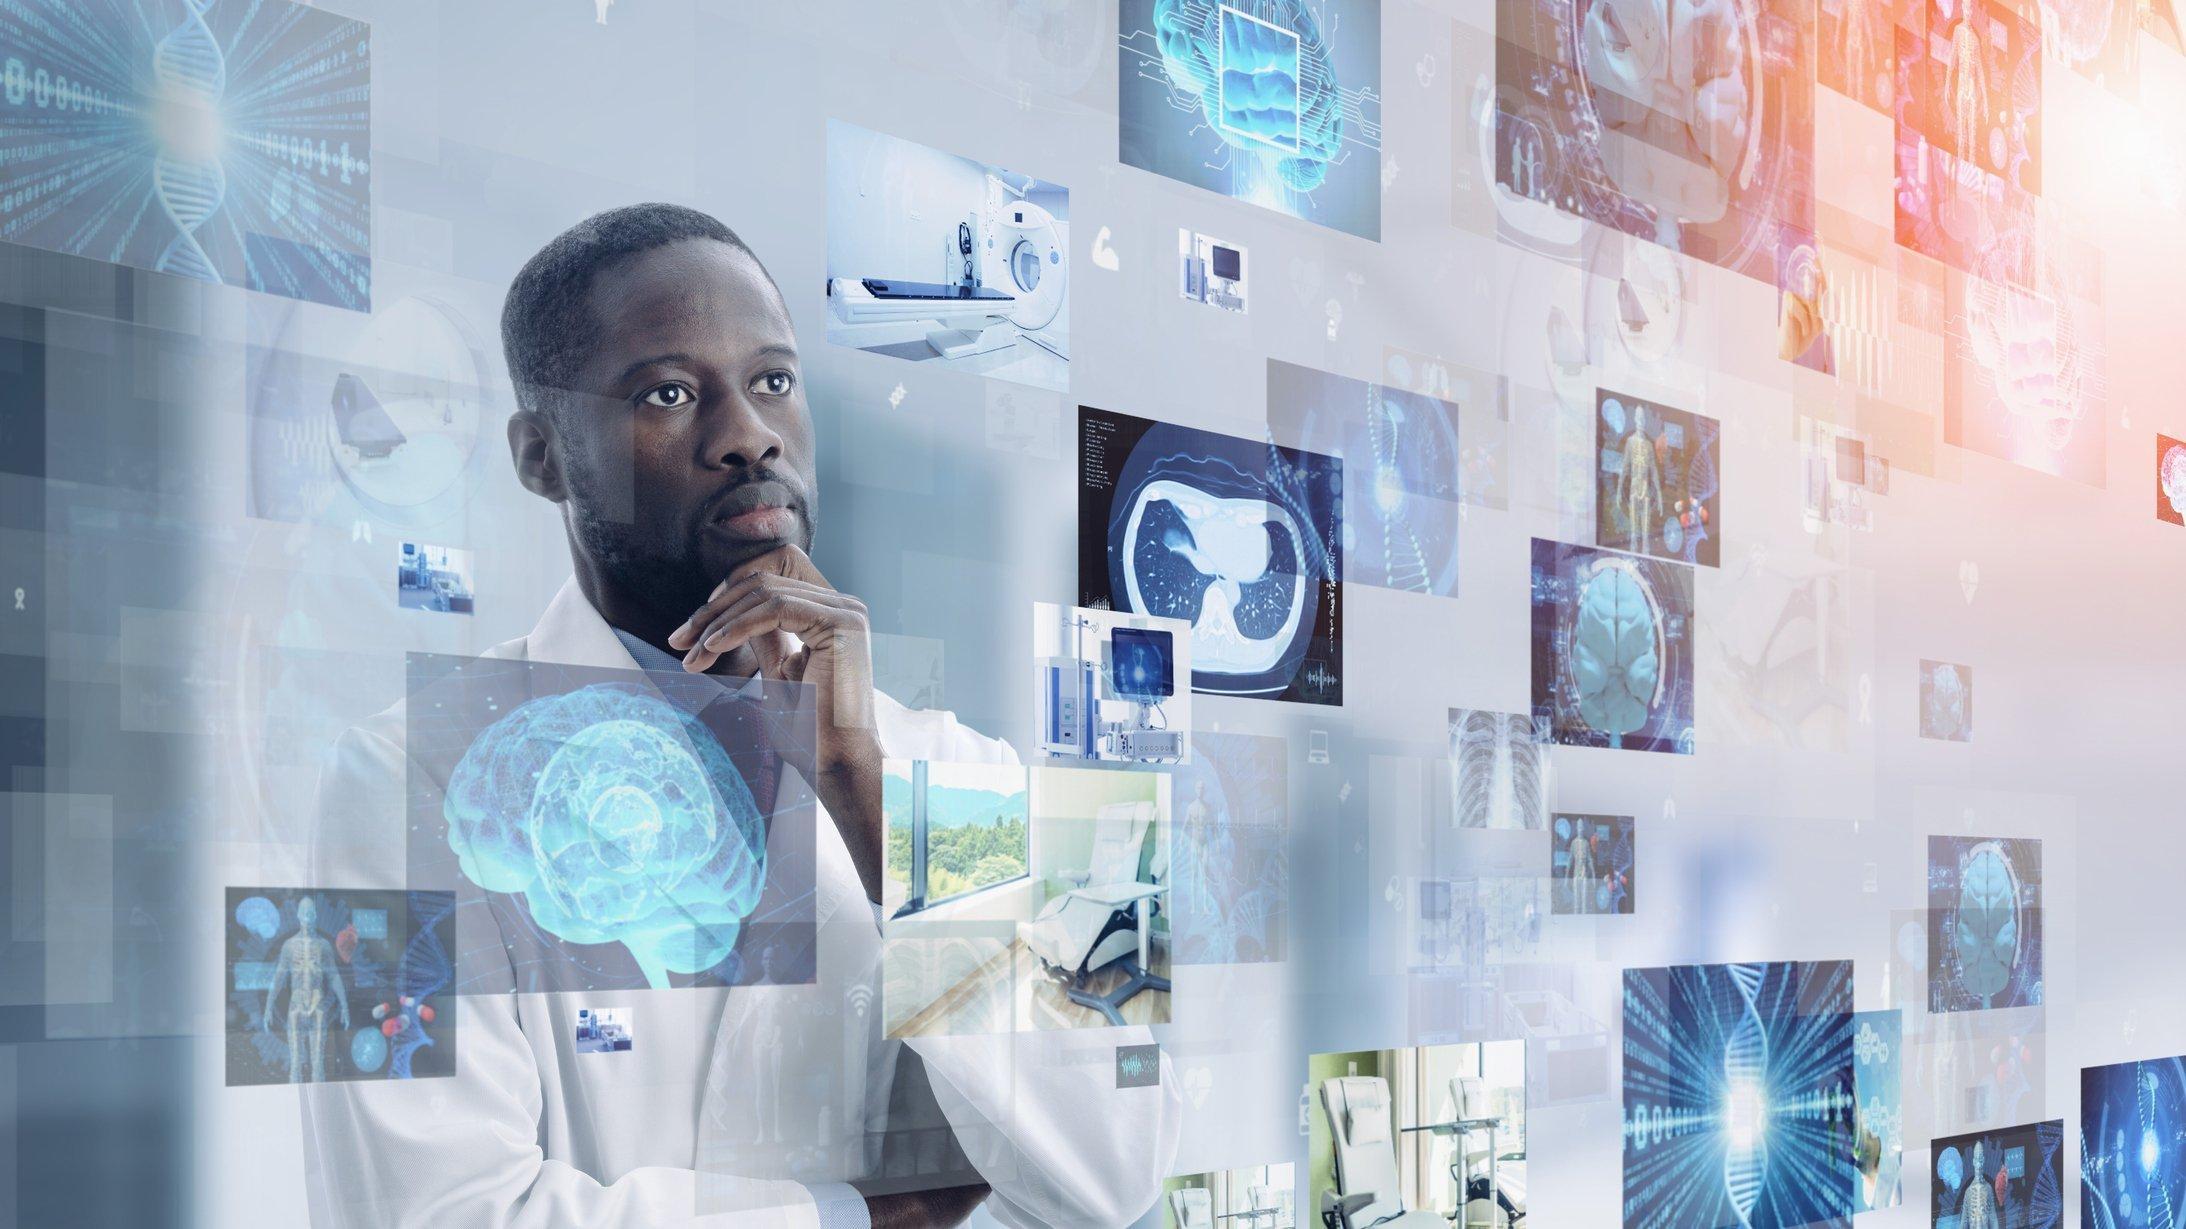 Ein Arzt studiert medizinische Bilder. Sinnbildlich dafür, dass Mensch und Technik immer öfter gemeinsam entscheiden, auch in der Medizin.